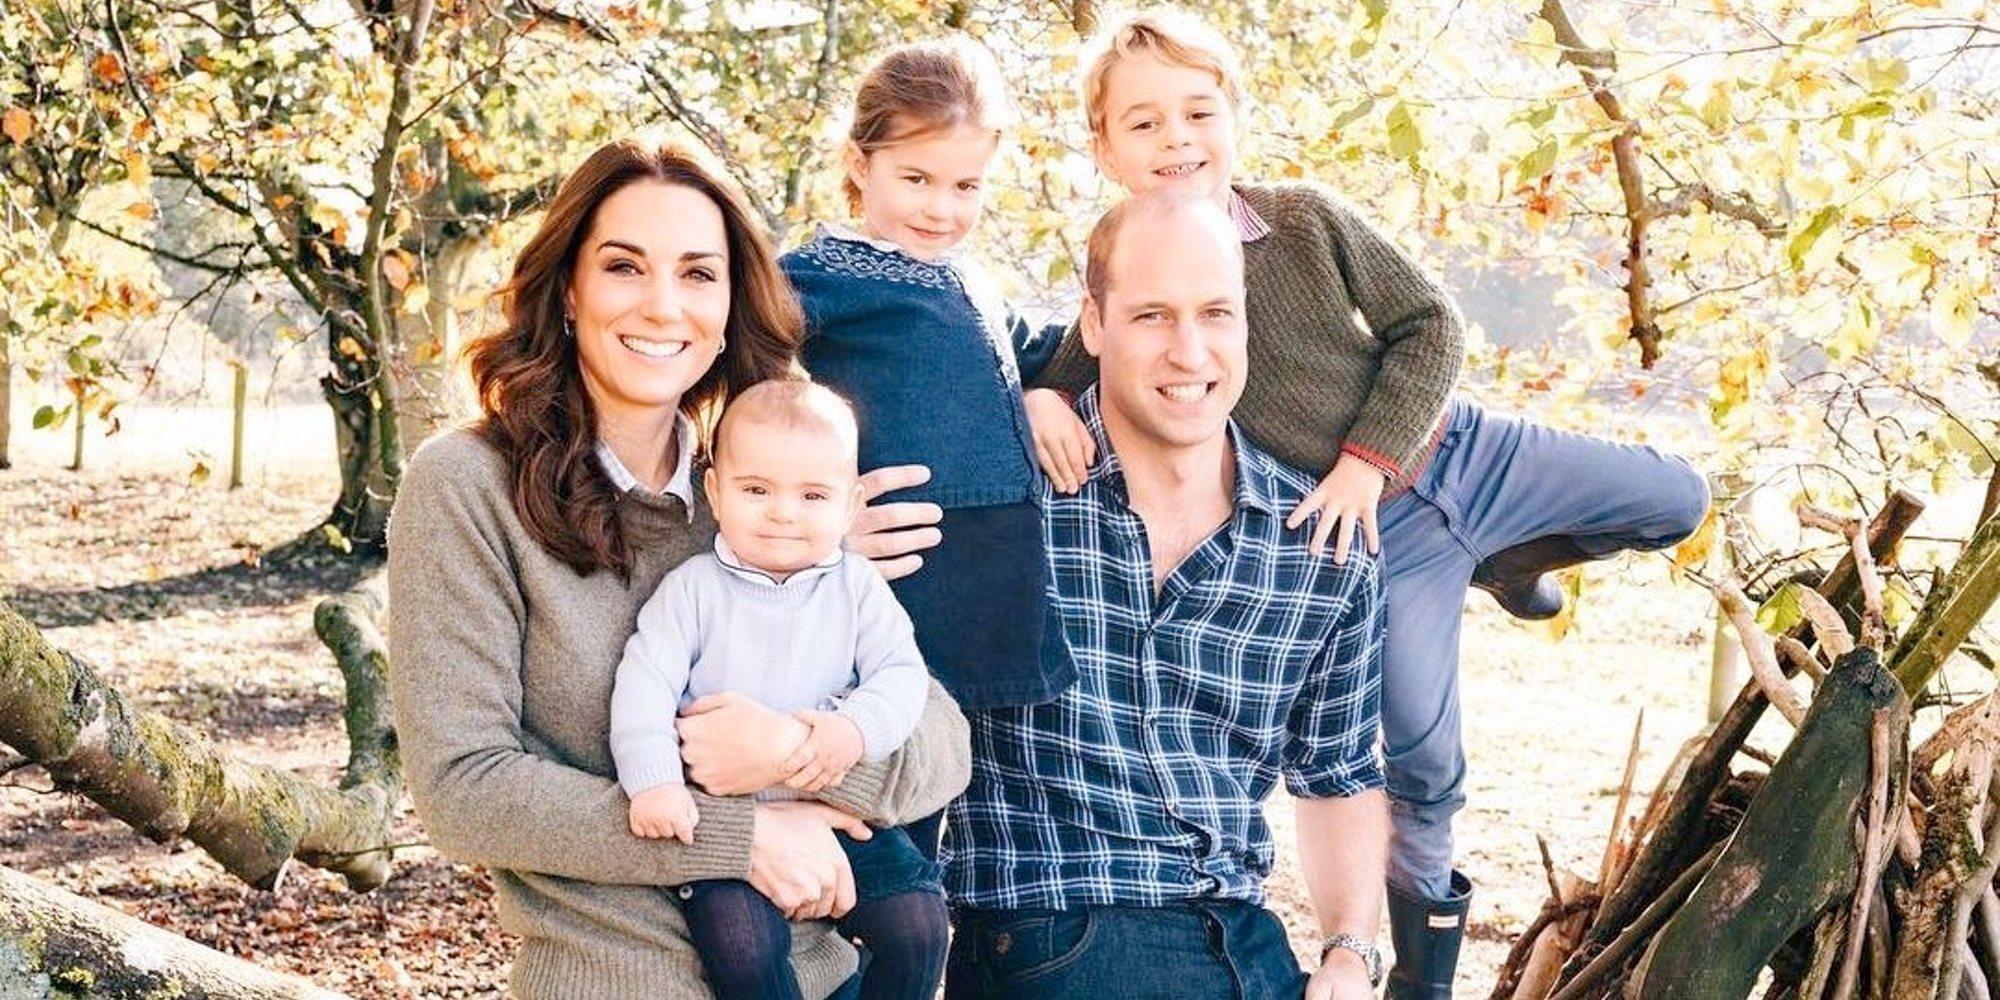 El plan secreto del Príncipe Guillermo y Kate Middleton con sus hijos cuando van a visitar a Michael y Carole Middleton